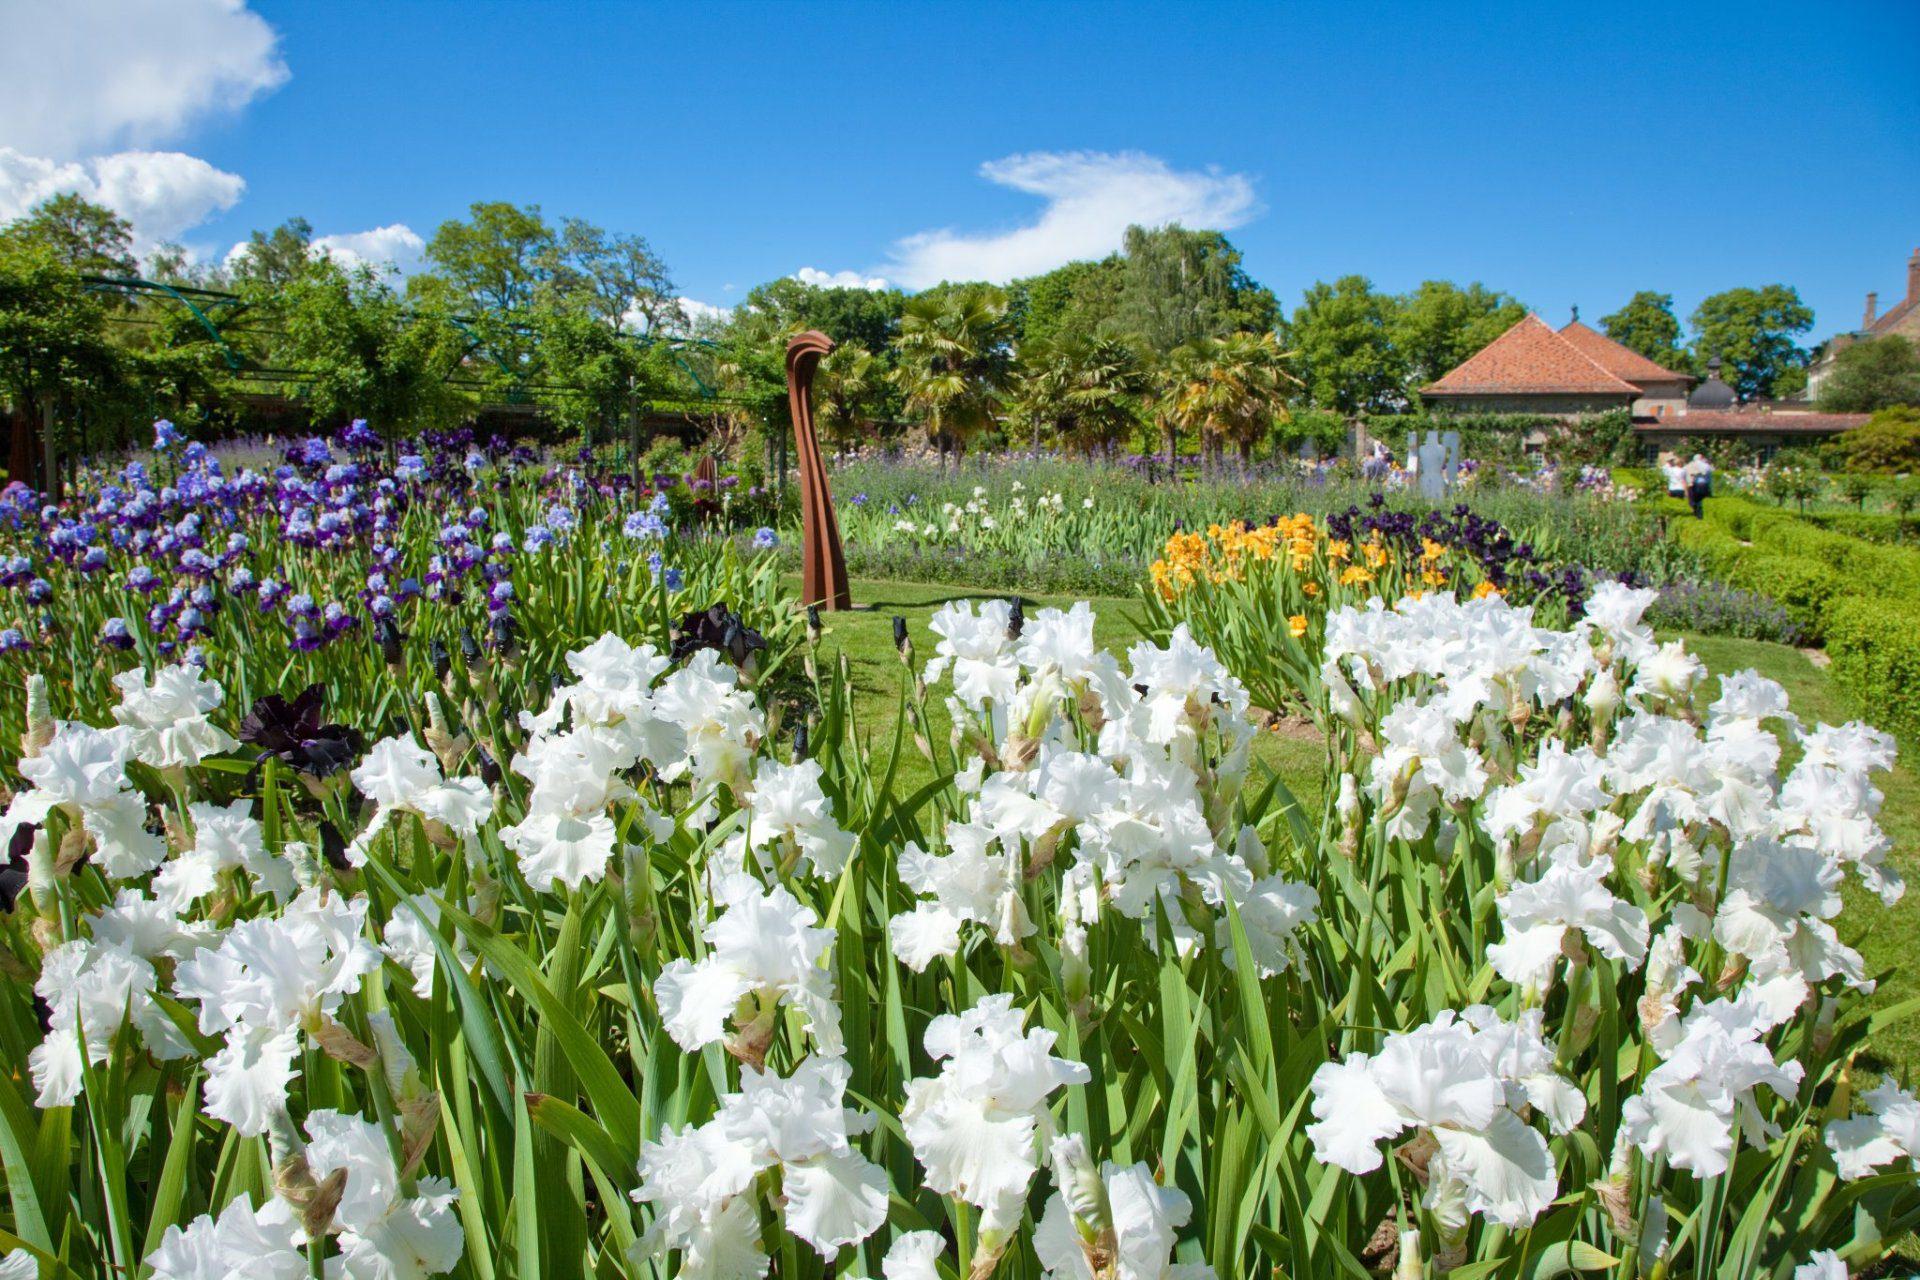 Le Jardin de Doreen rempli d'iris de toutes les couleurs.